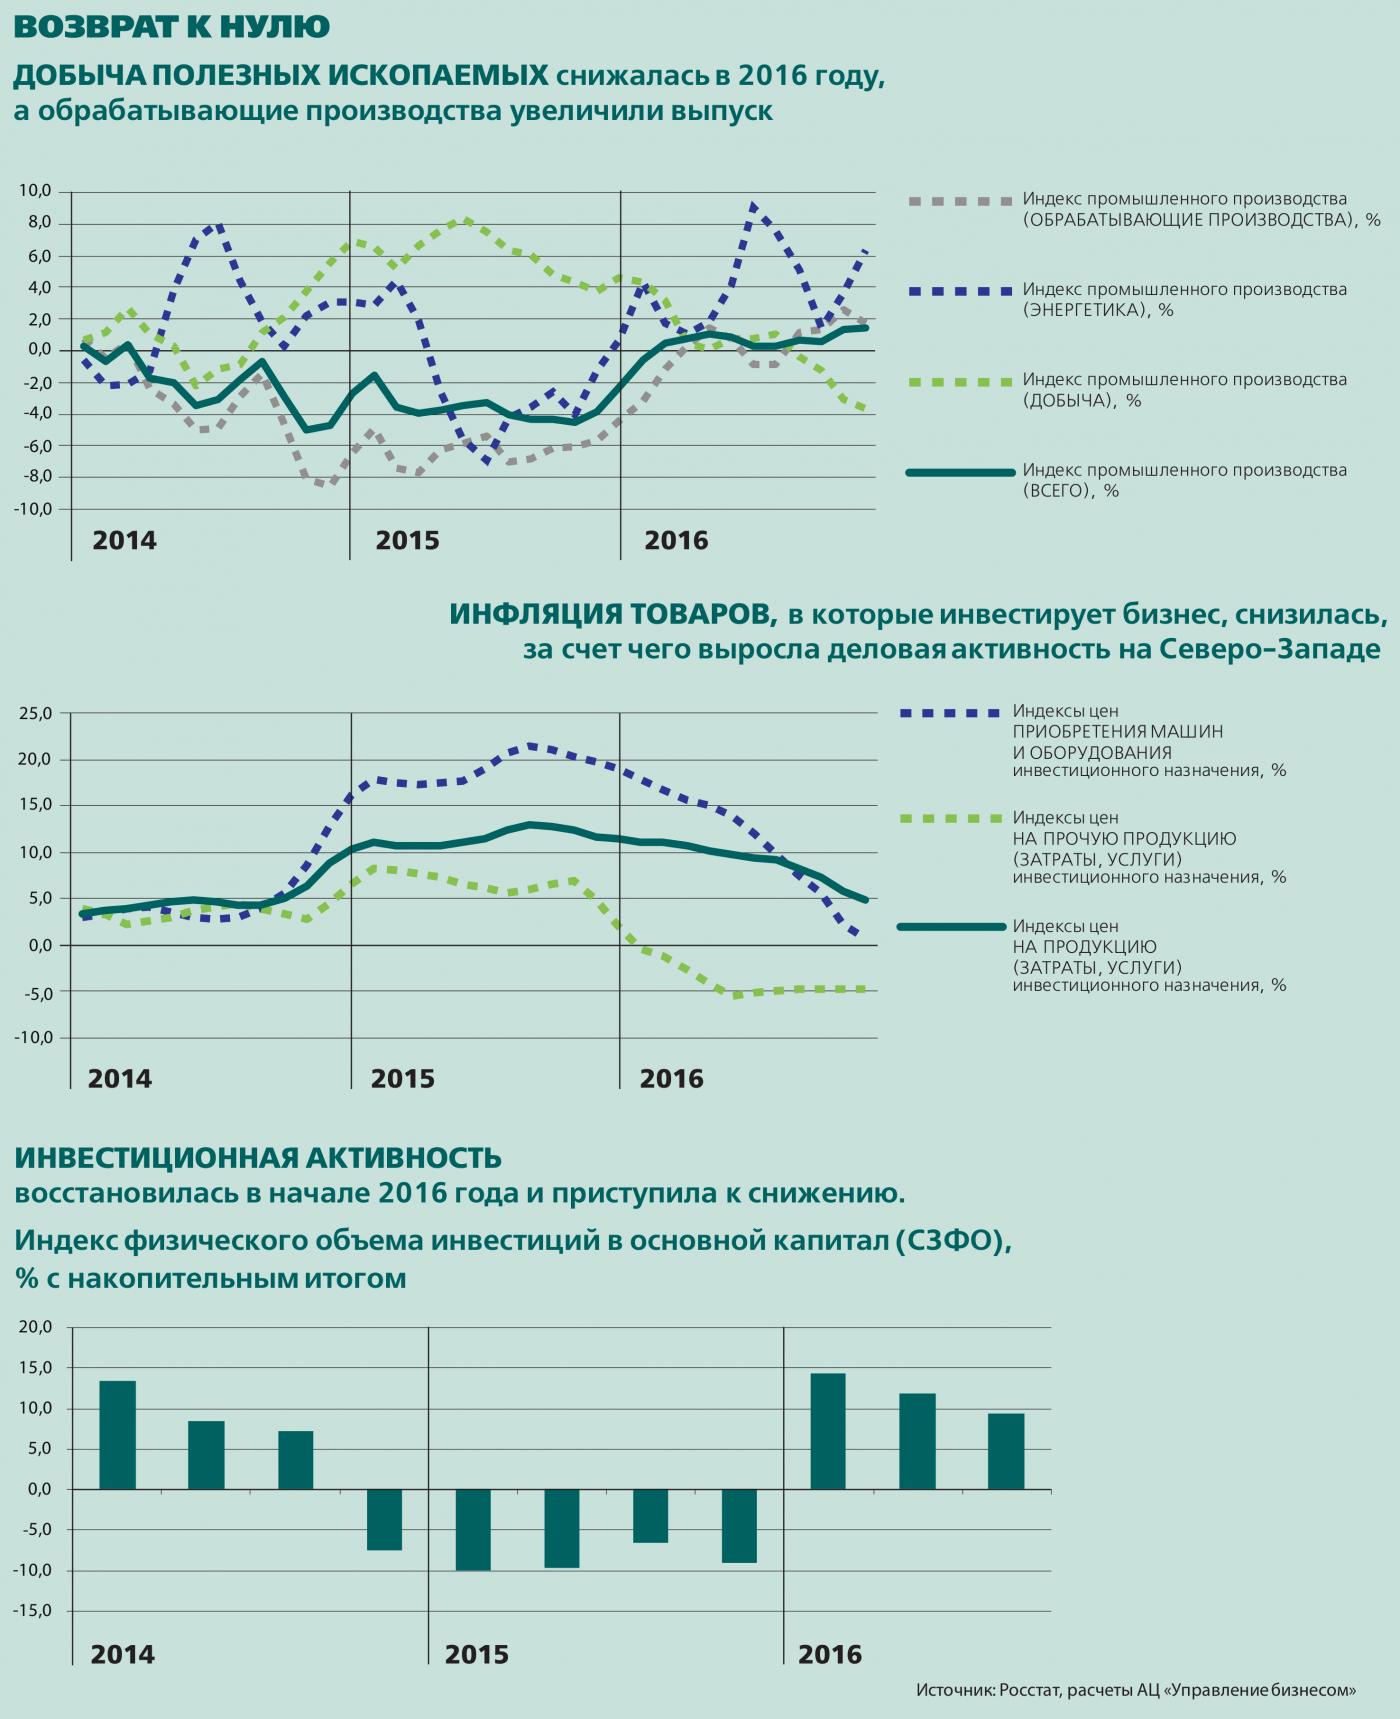 Добыча ископаемых, инфляция товаров, инвестиционная активность